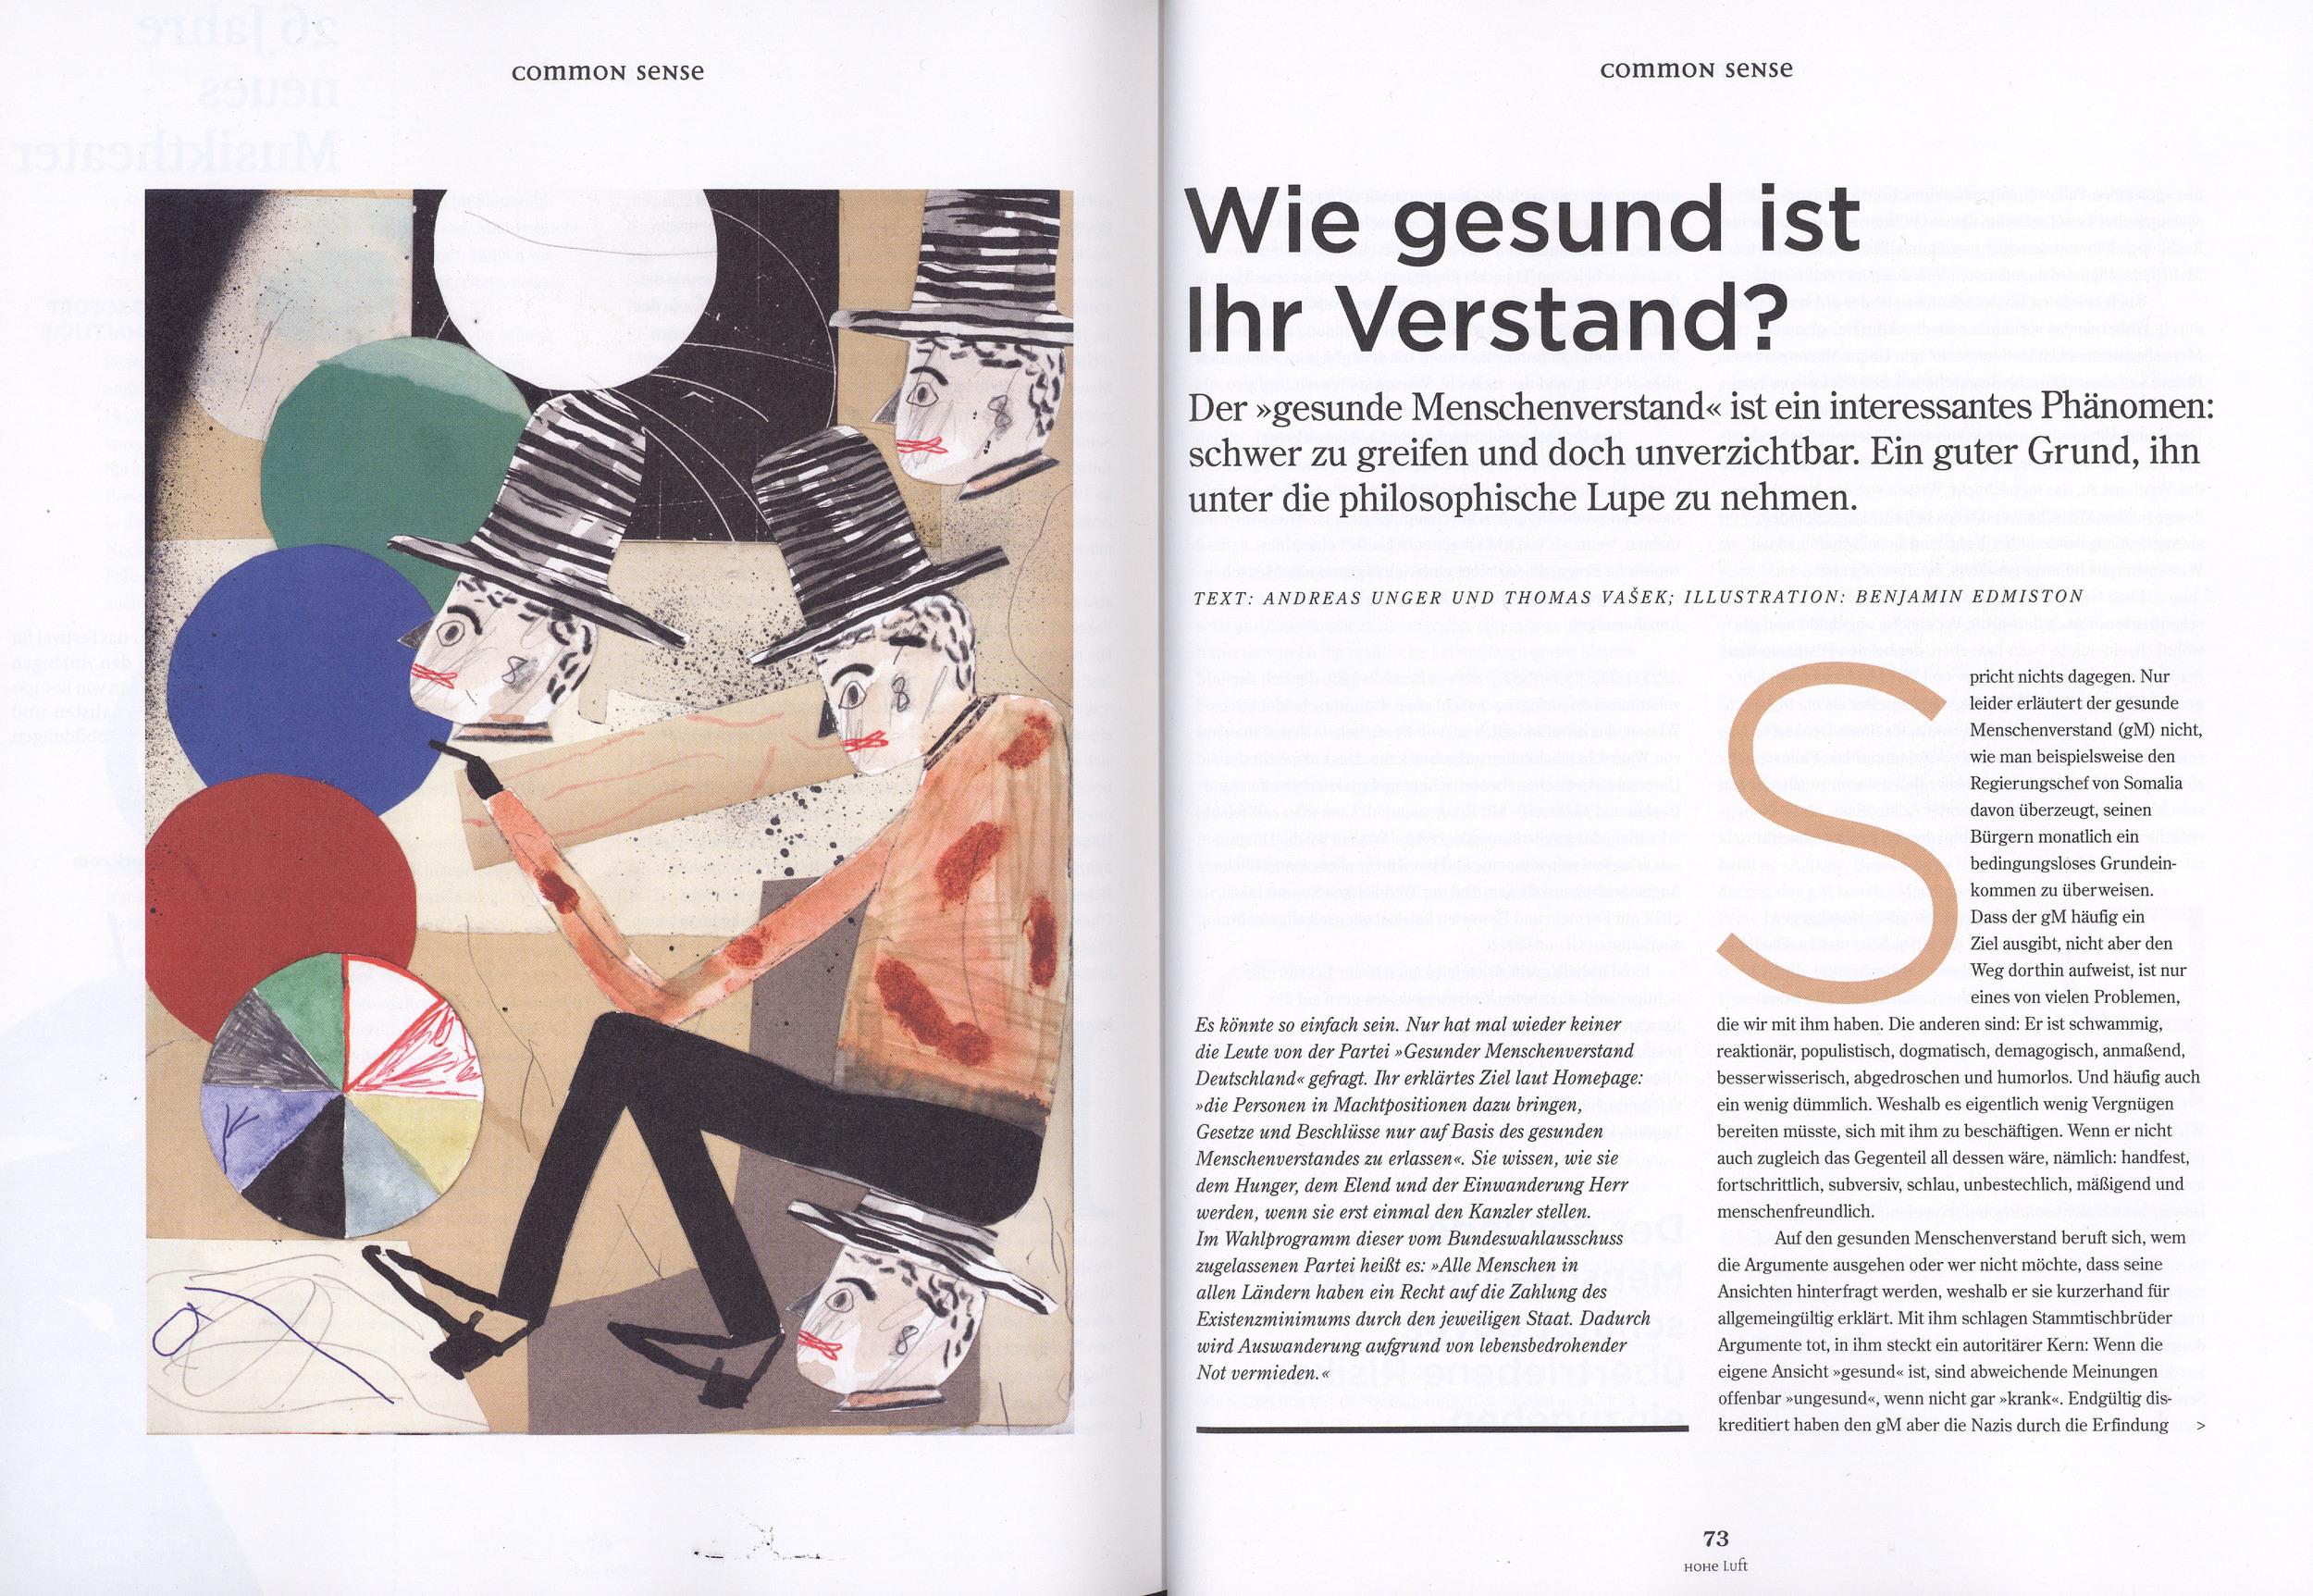 HOHE Luft  Magazine       August 2014 Issue     http://www.hoheluft-magazin.de/